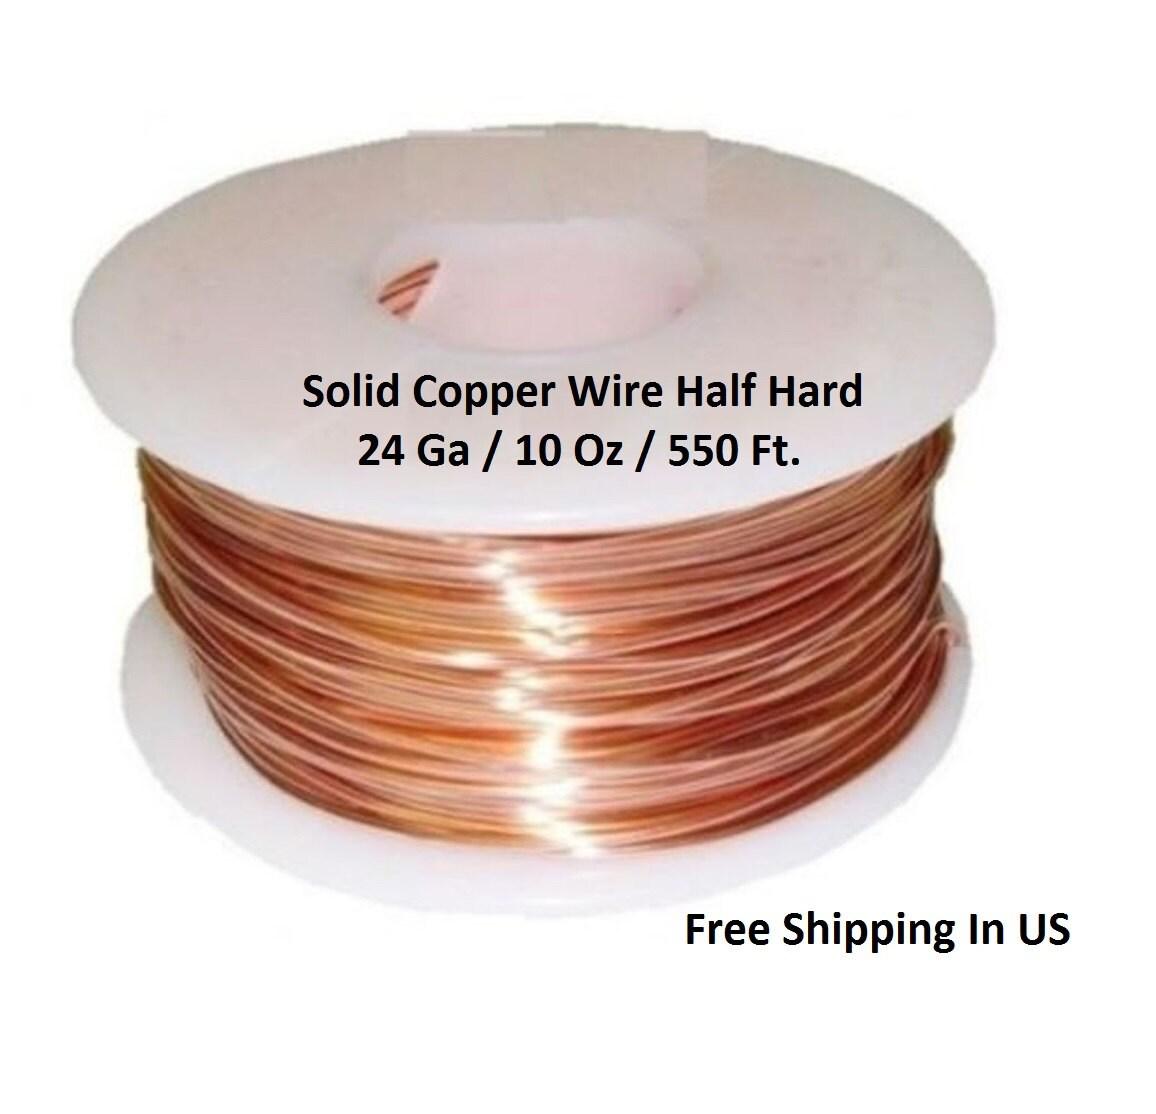 Number 1 Copper Wire : Genuine solid copper wire ga oz ft half hard